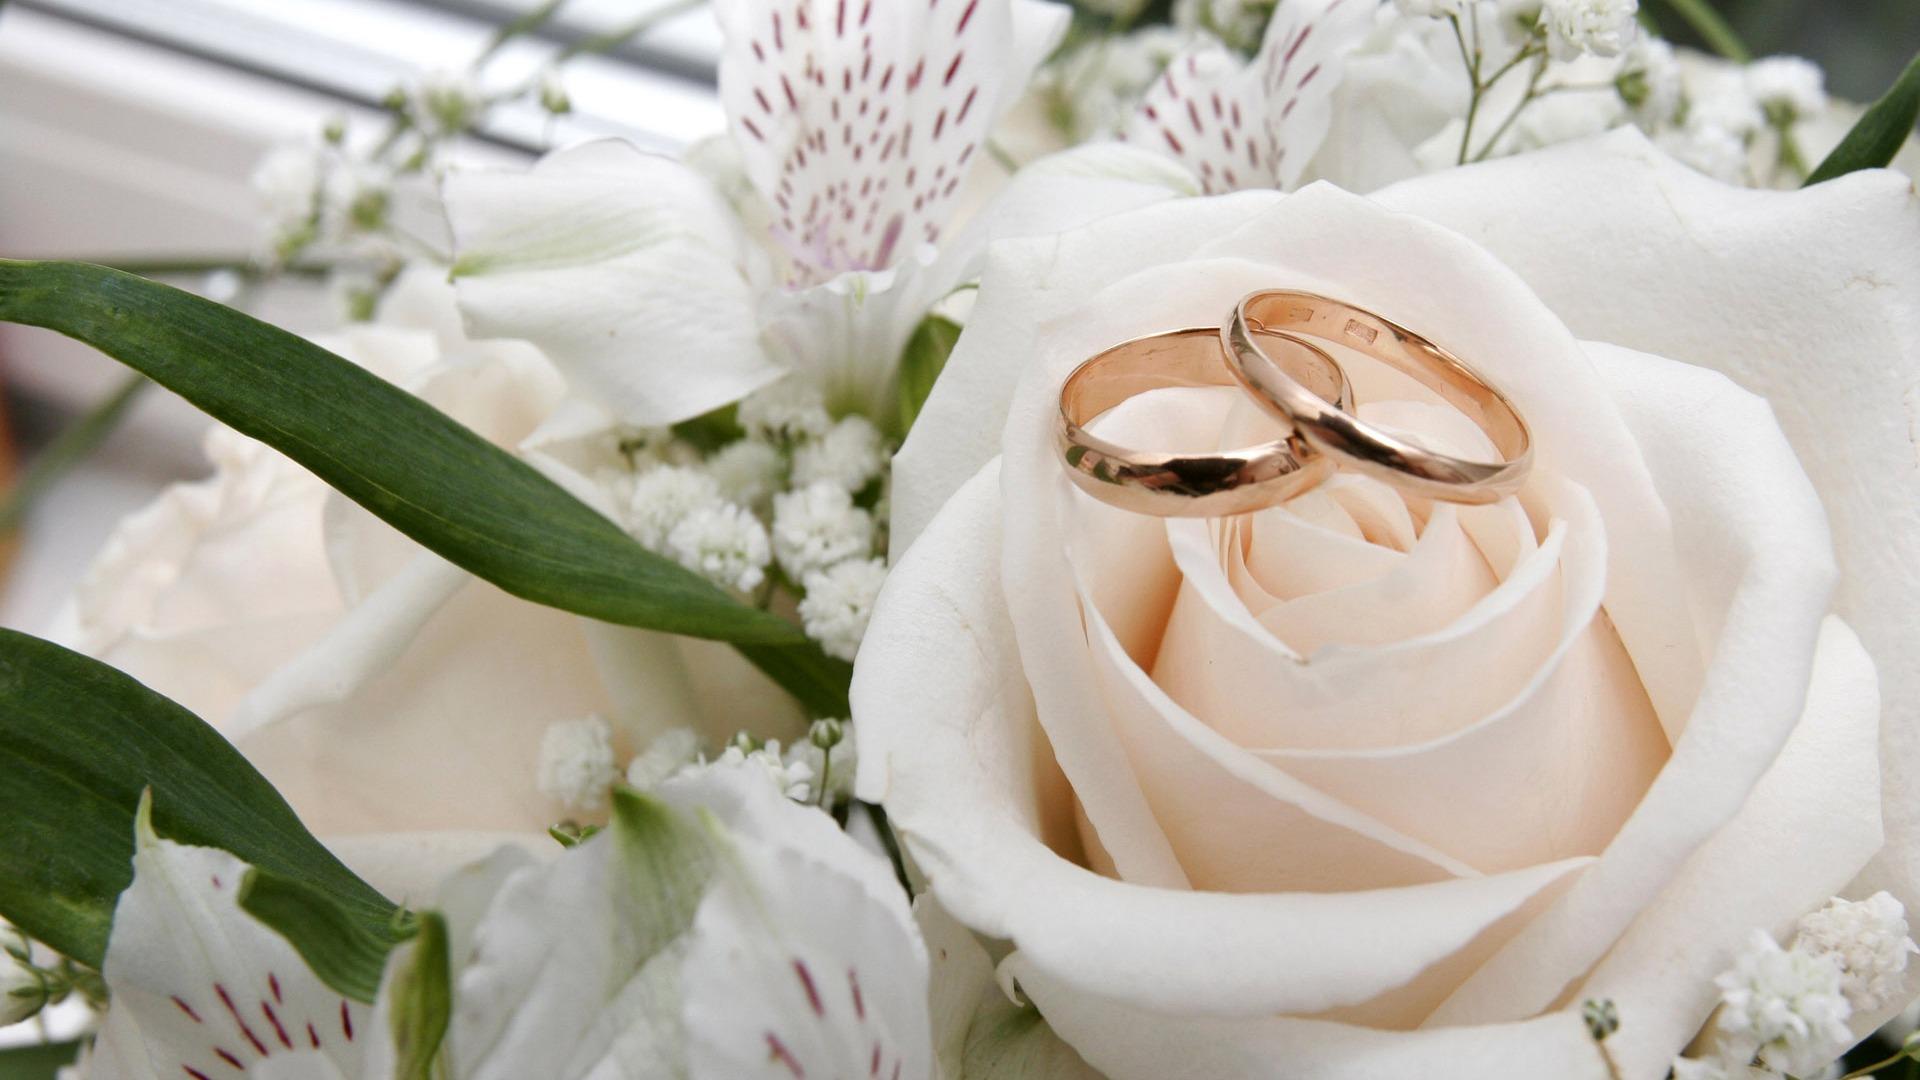 Bodas y fondos de escritorio de anillo de bodas (1) 2 , 1920x1080.